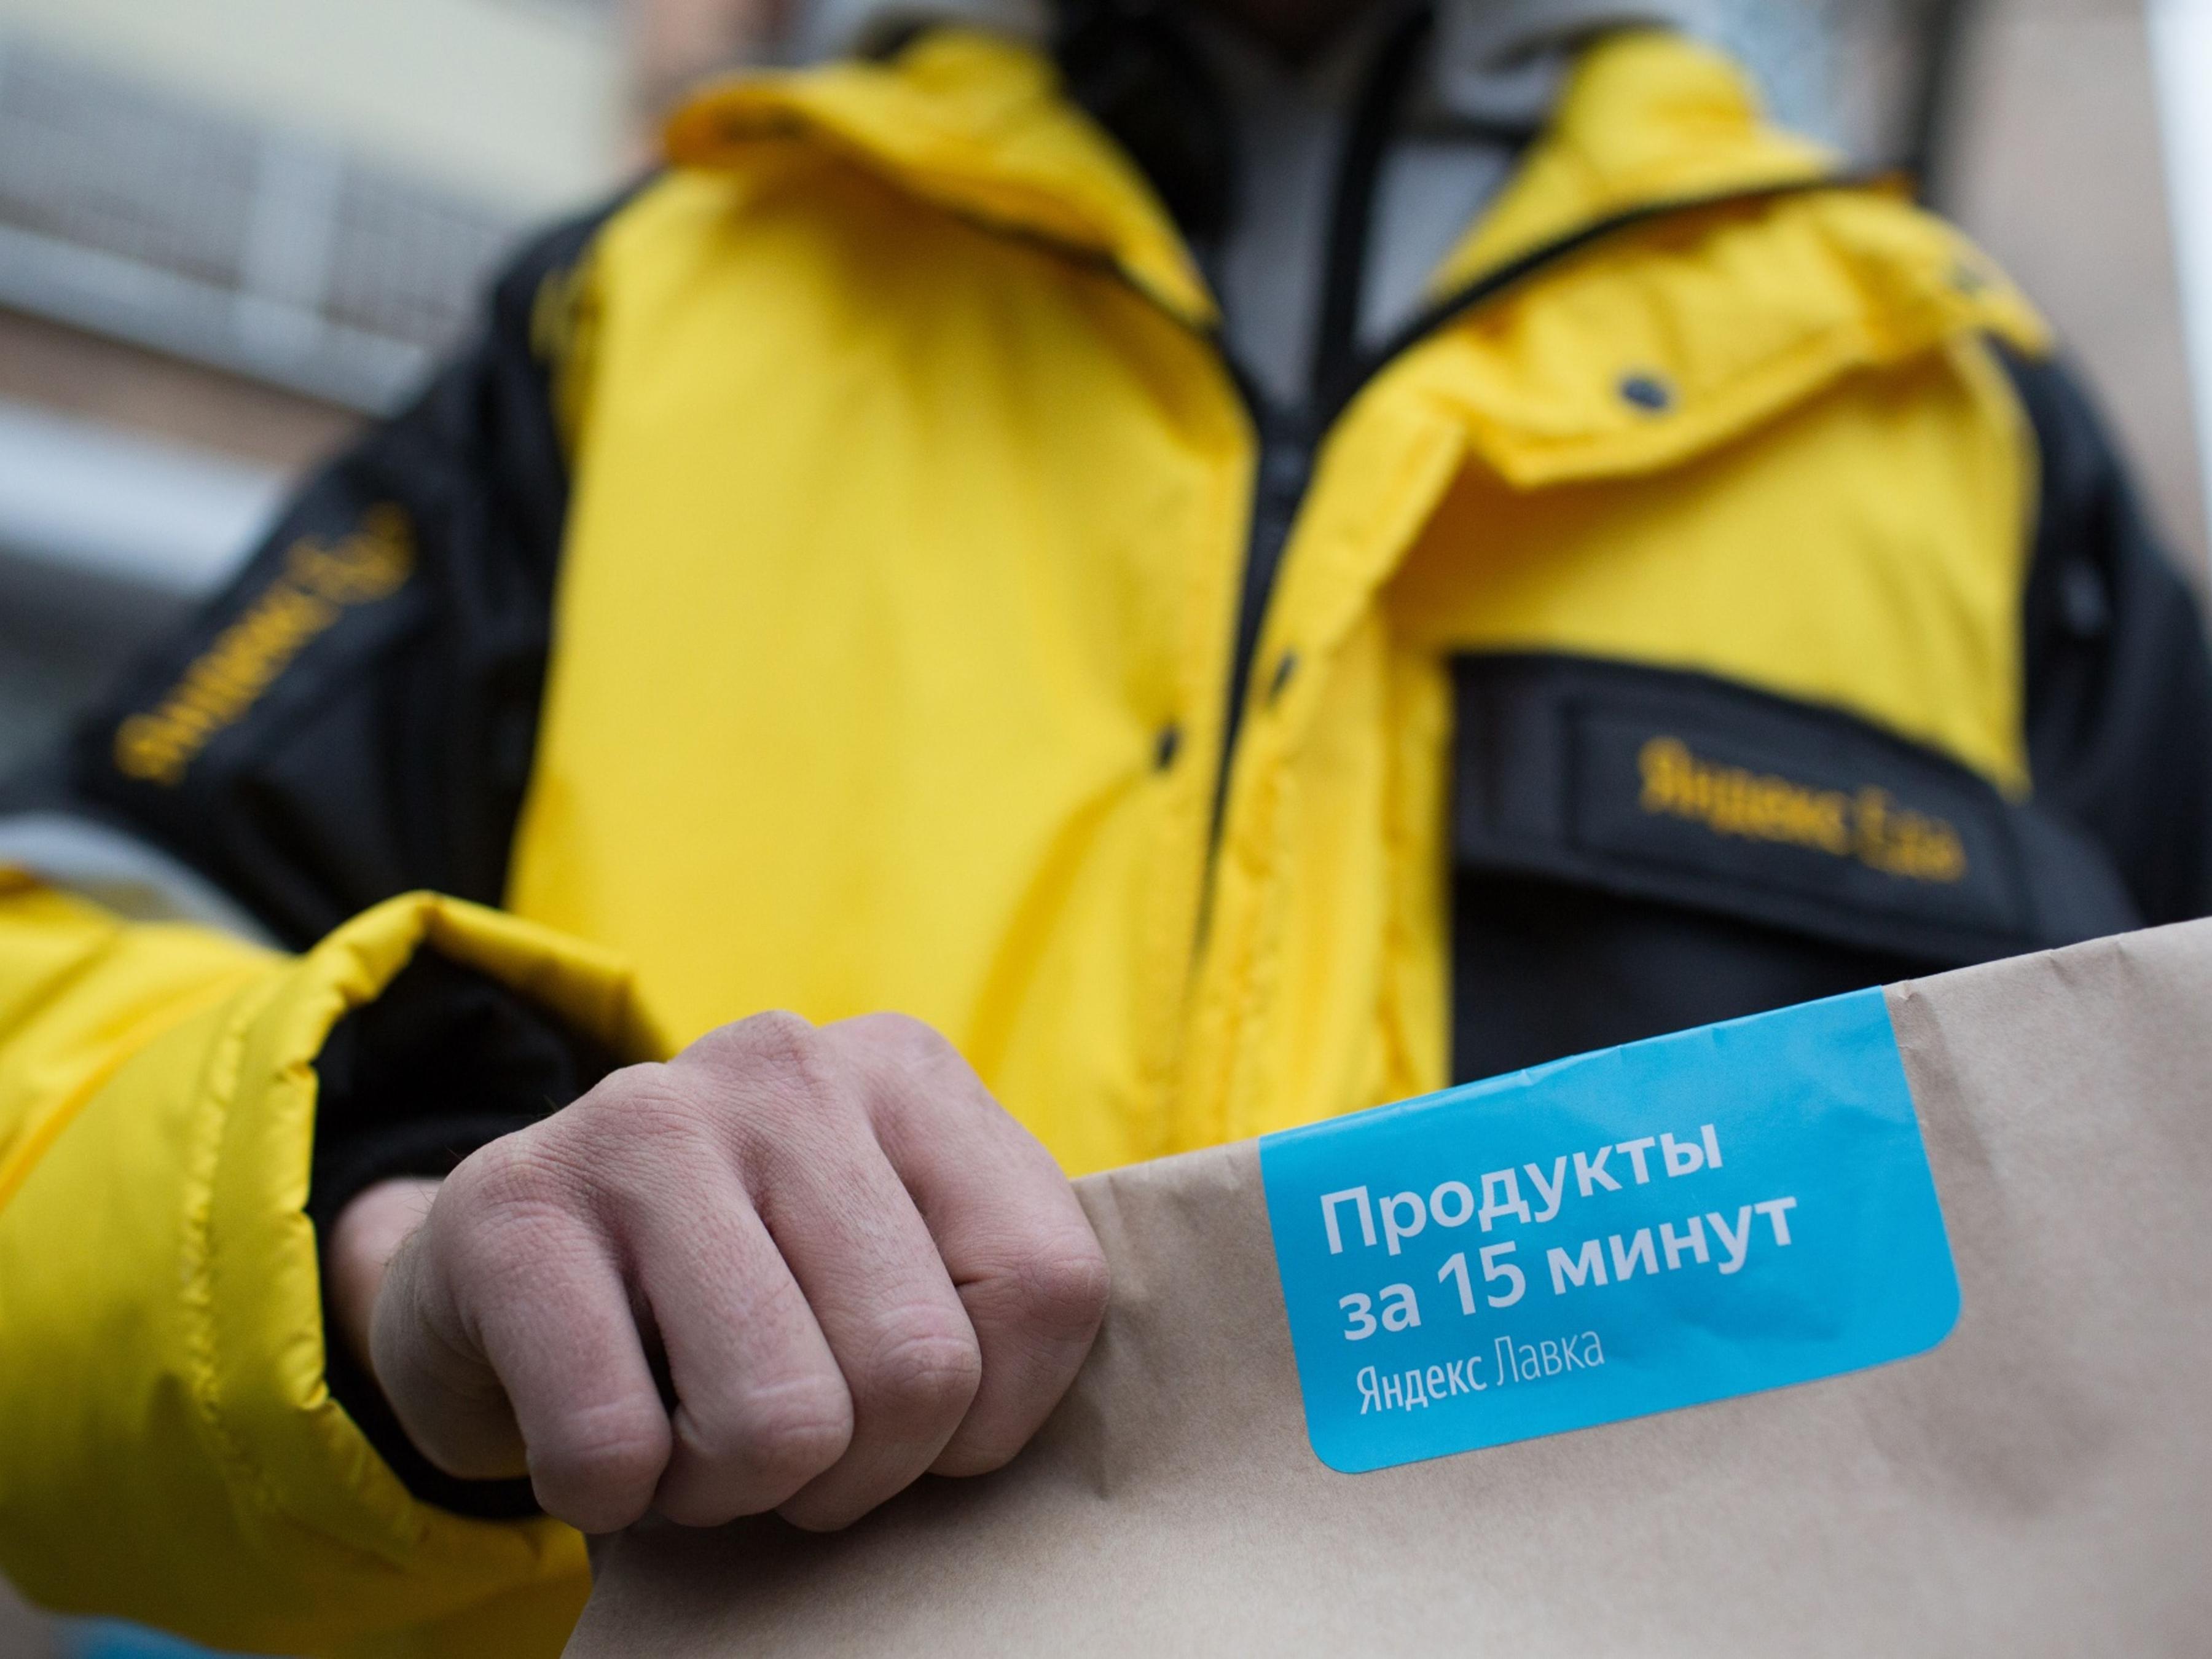 0128 russiasgooglewillbring